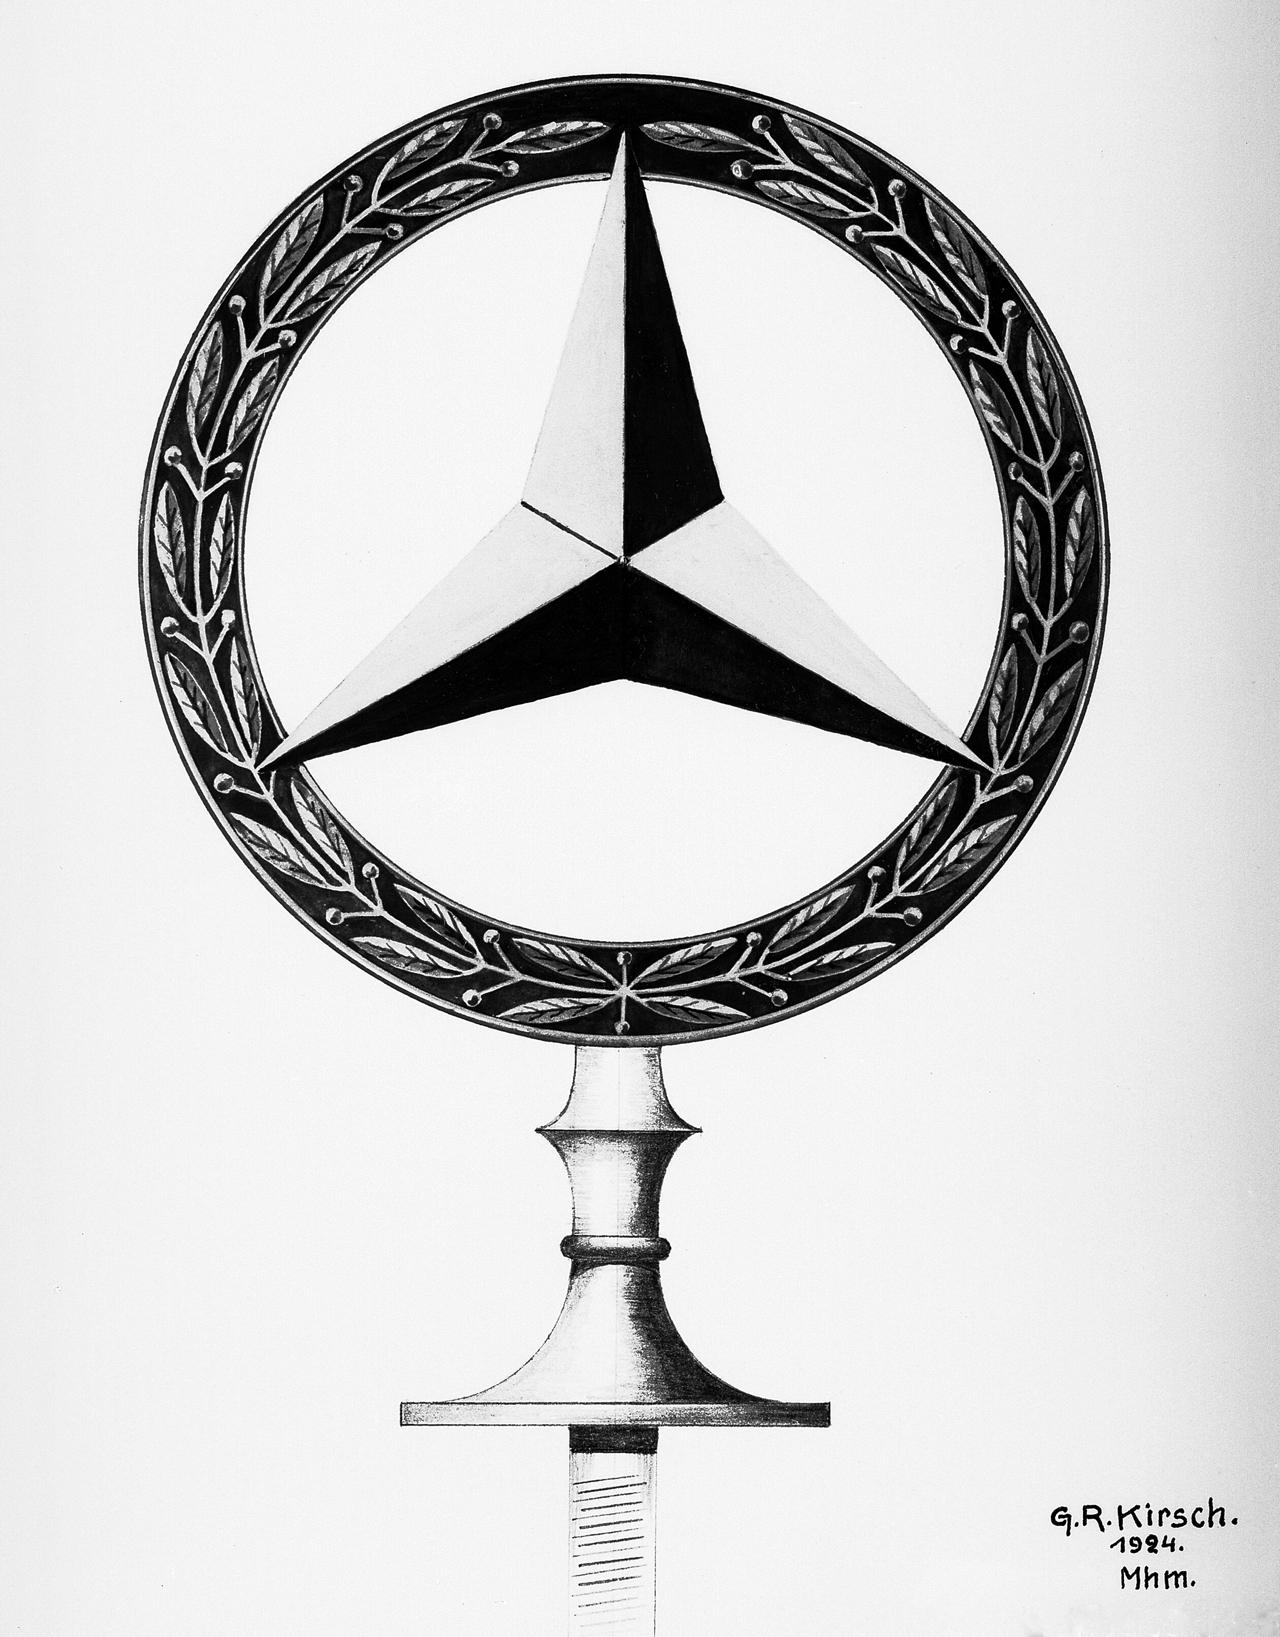 Der Mercedes-Stern im Lorbeerkranz, eine Kombination der Markenzeichen der Daimler-Motoren-Gesellschaft und der Firma Benz & Cie., wurde beim Patentamt am 18. Februar 1925 als Warenzeichen angemeldet.